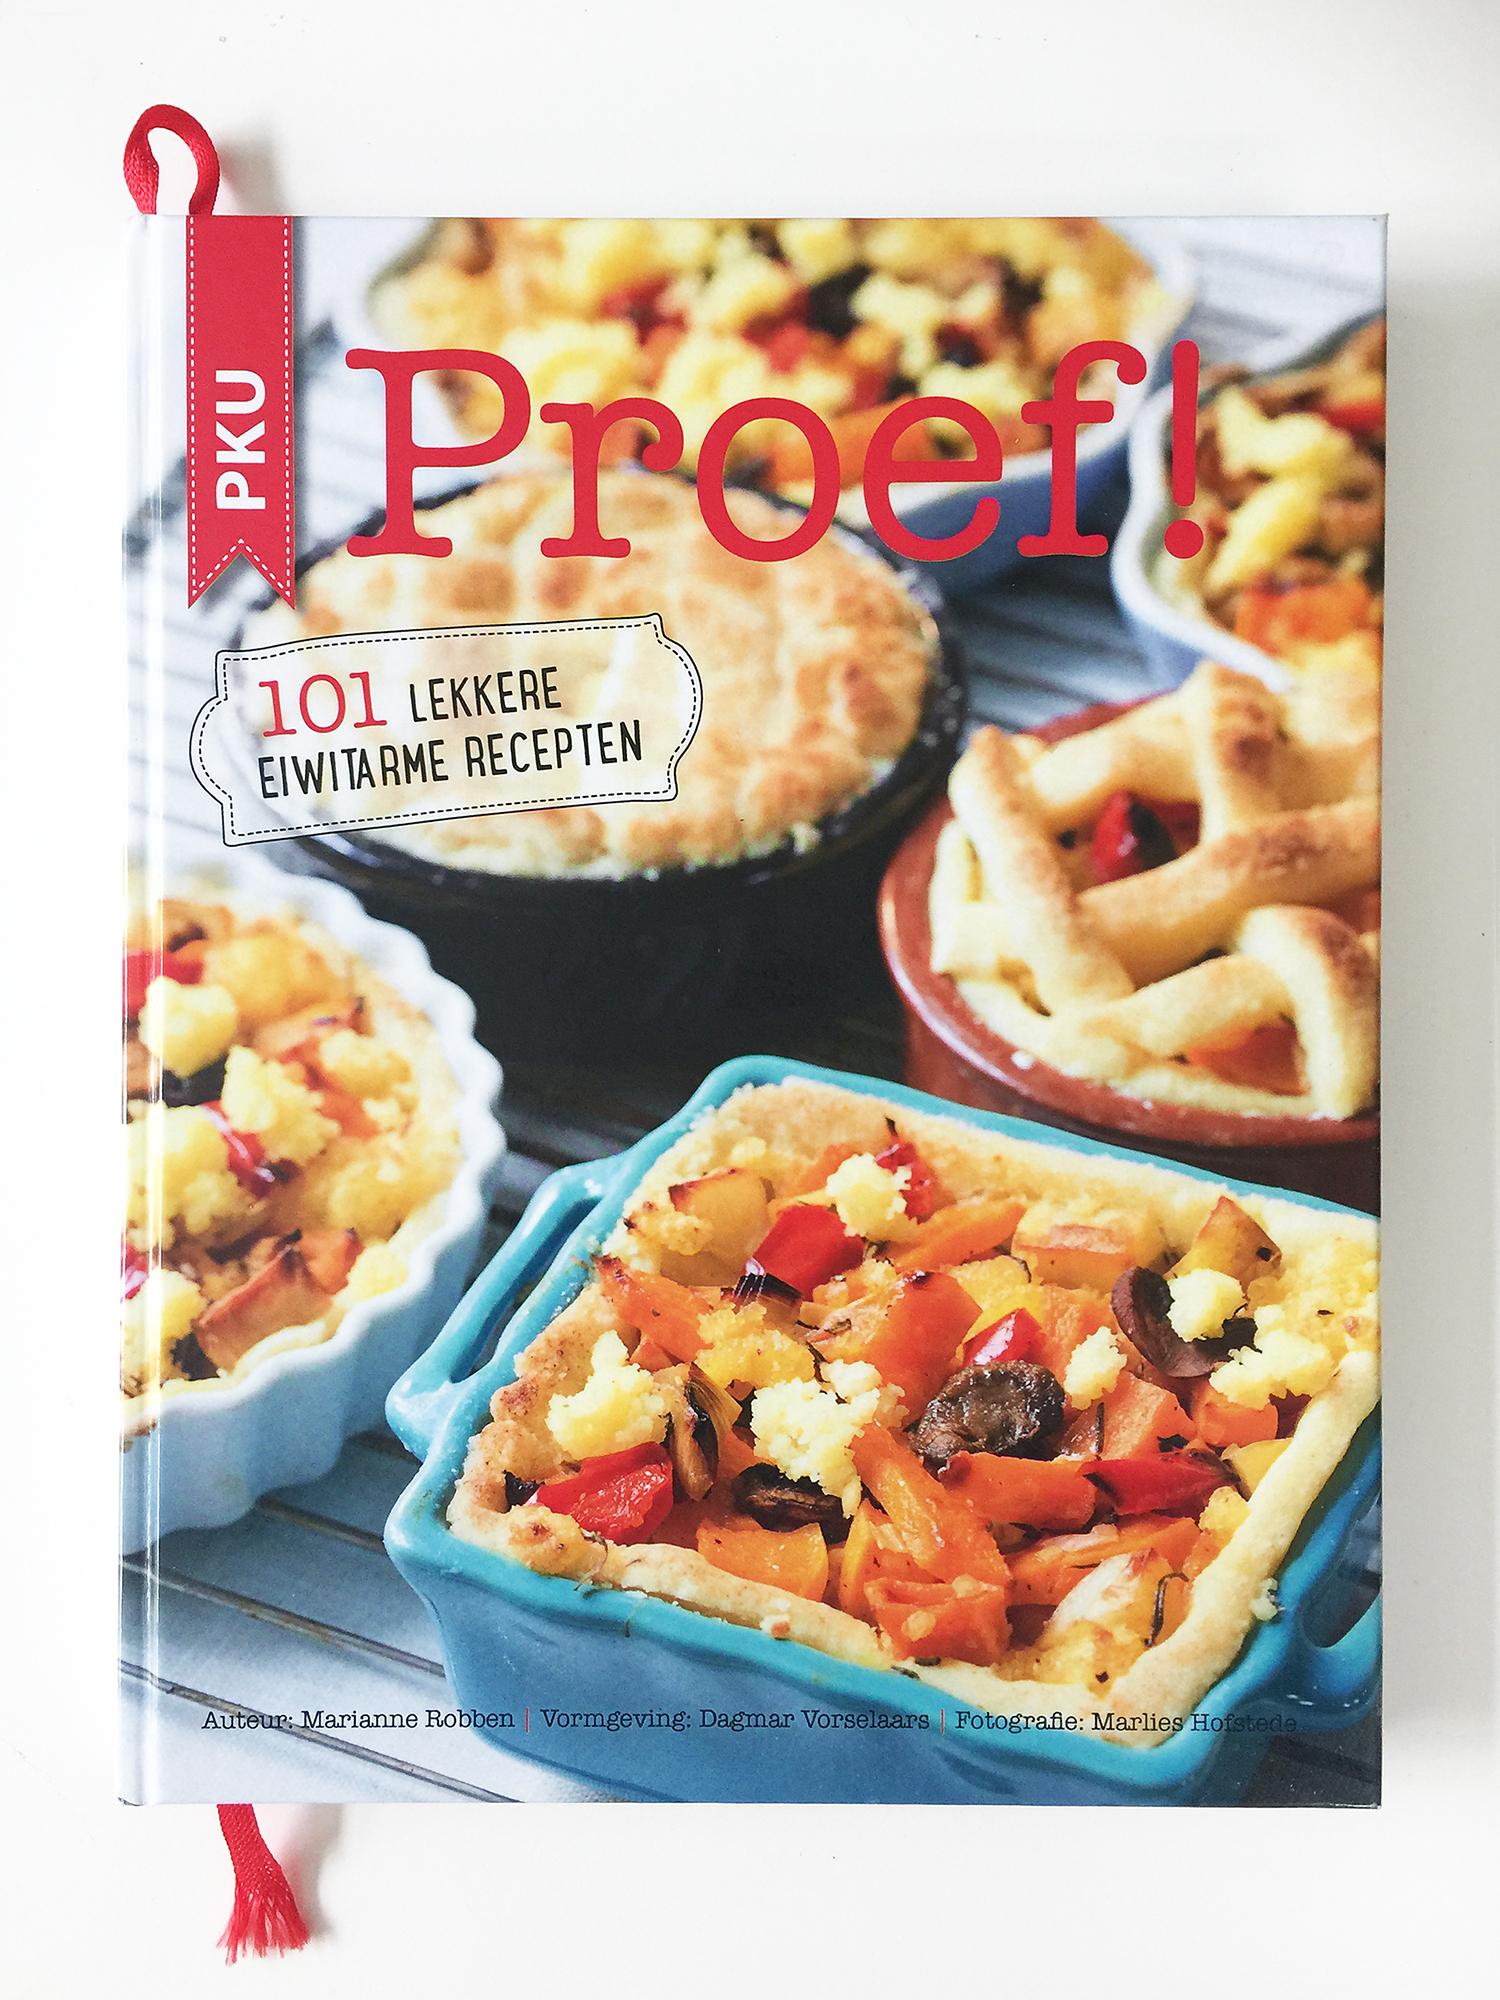 glossy kookboek met eiwitarme recepten